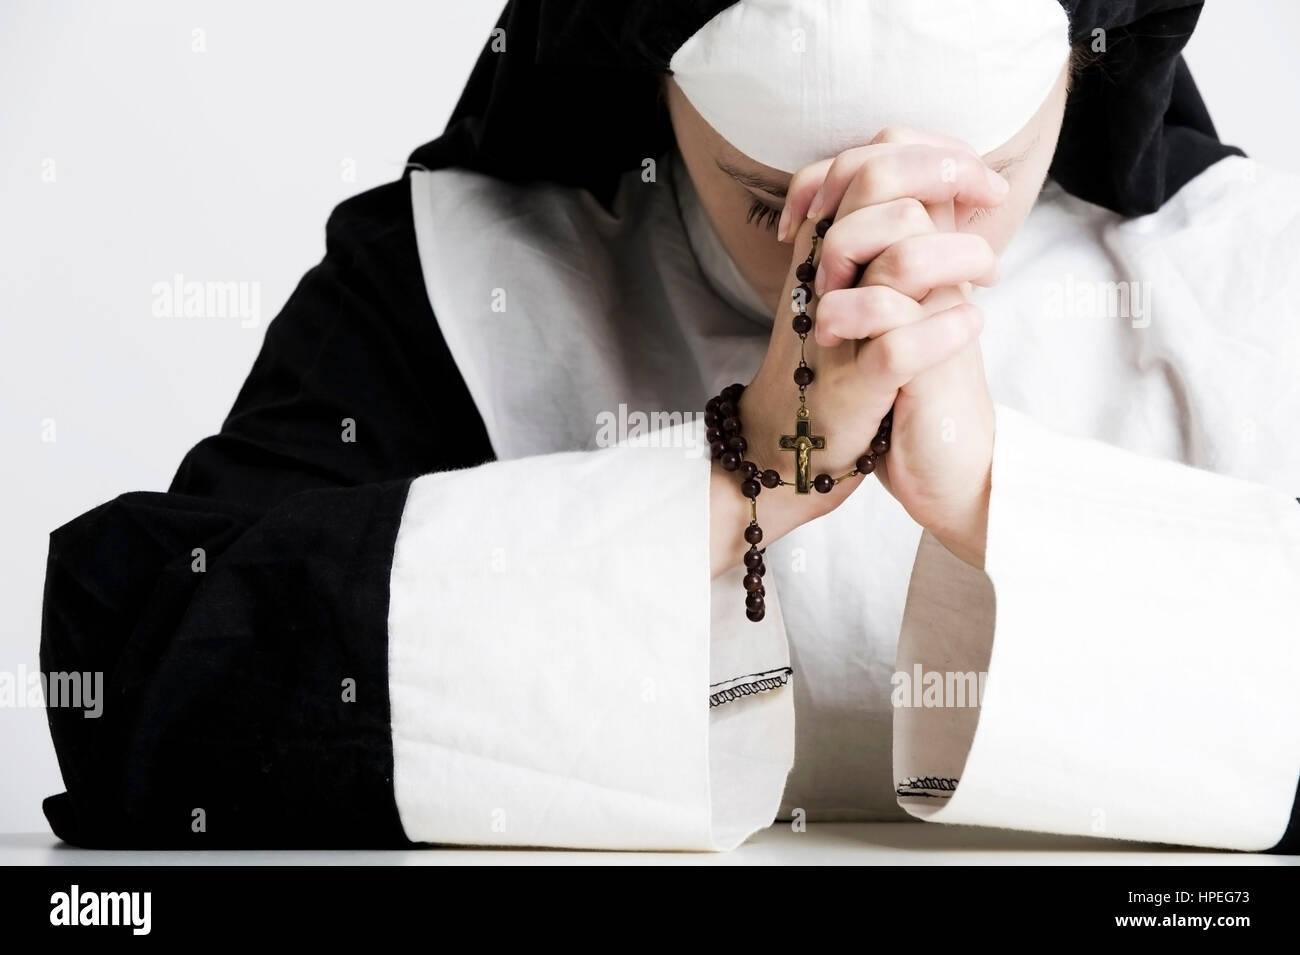 Model released , Nonne betet den Rosenkranz - nun says a rosary - Stock Image